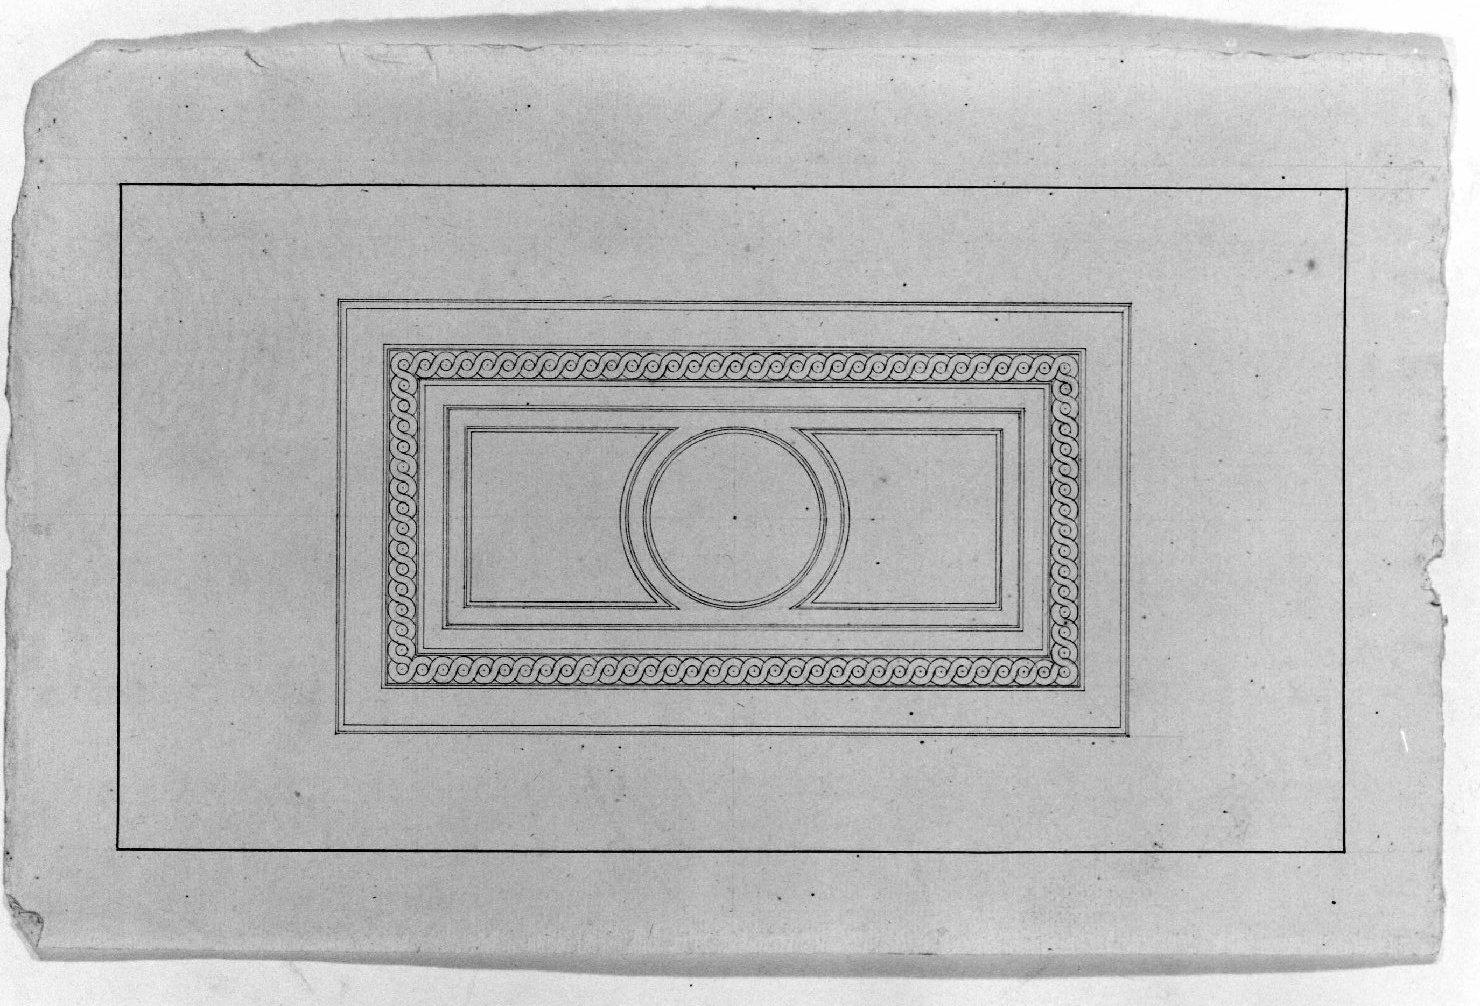 pannello decorato (disegno) - ambito Italia settentrionale (seconda metà sec. XIX)